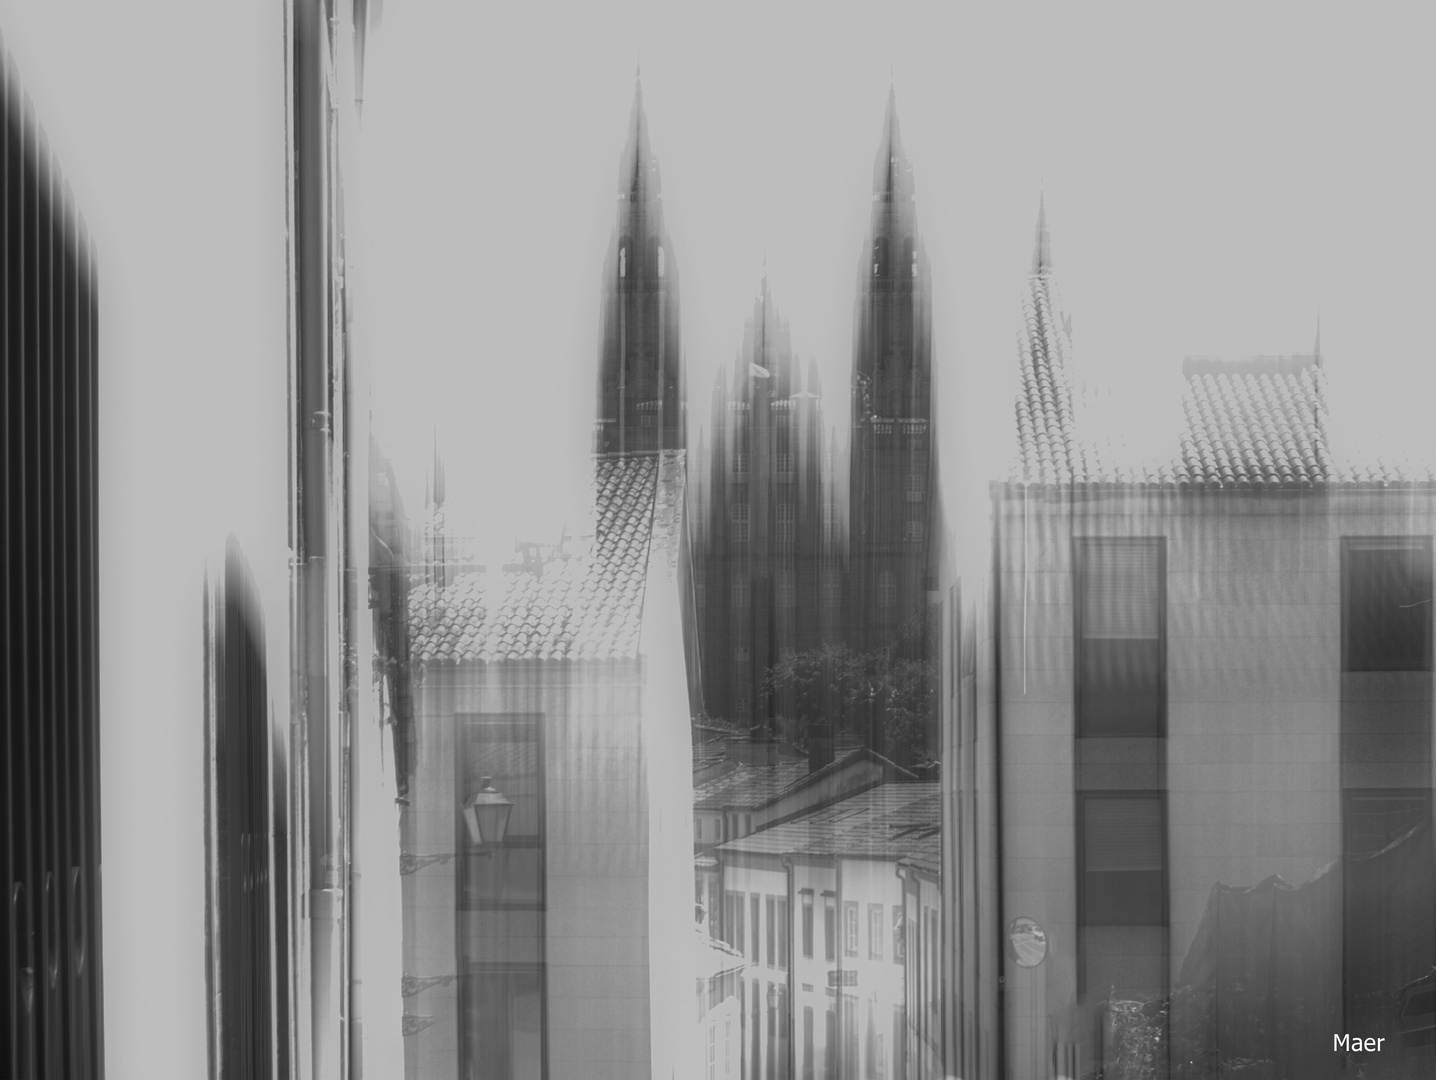 La catedral de Santiago.Pintando con la cámara.